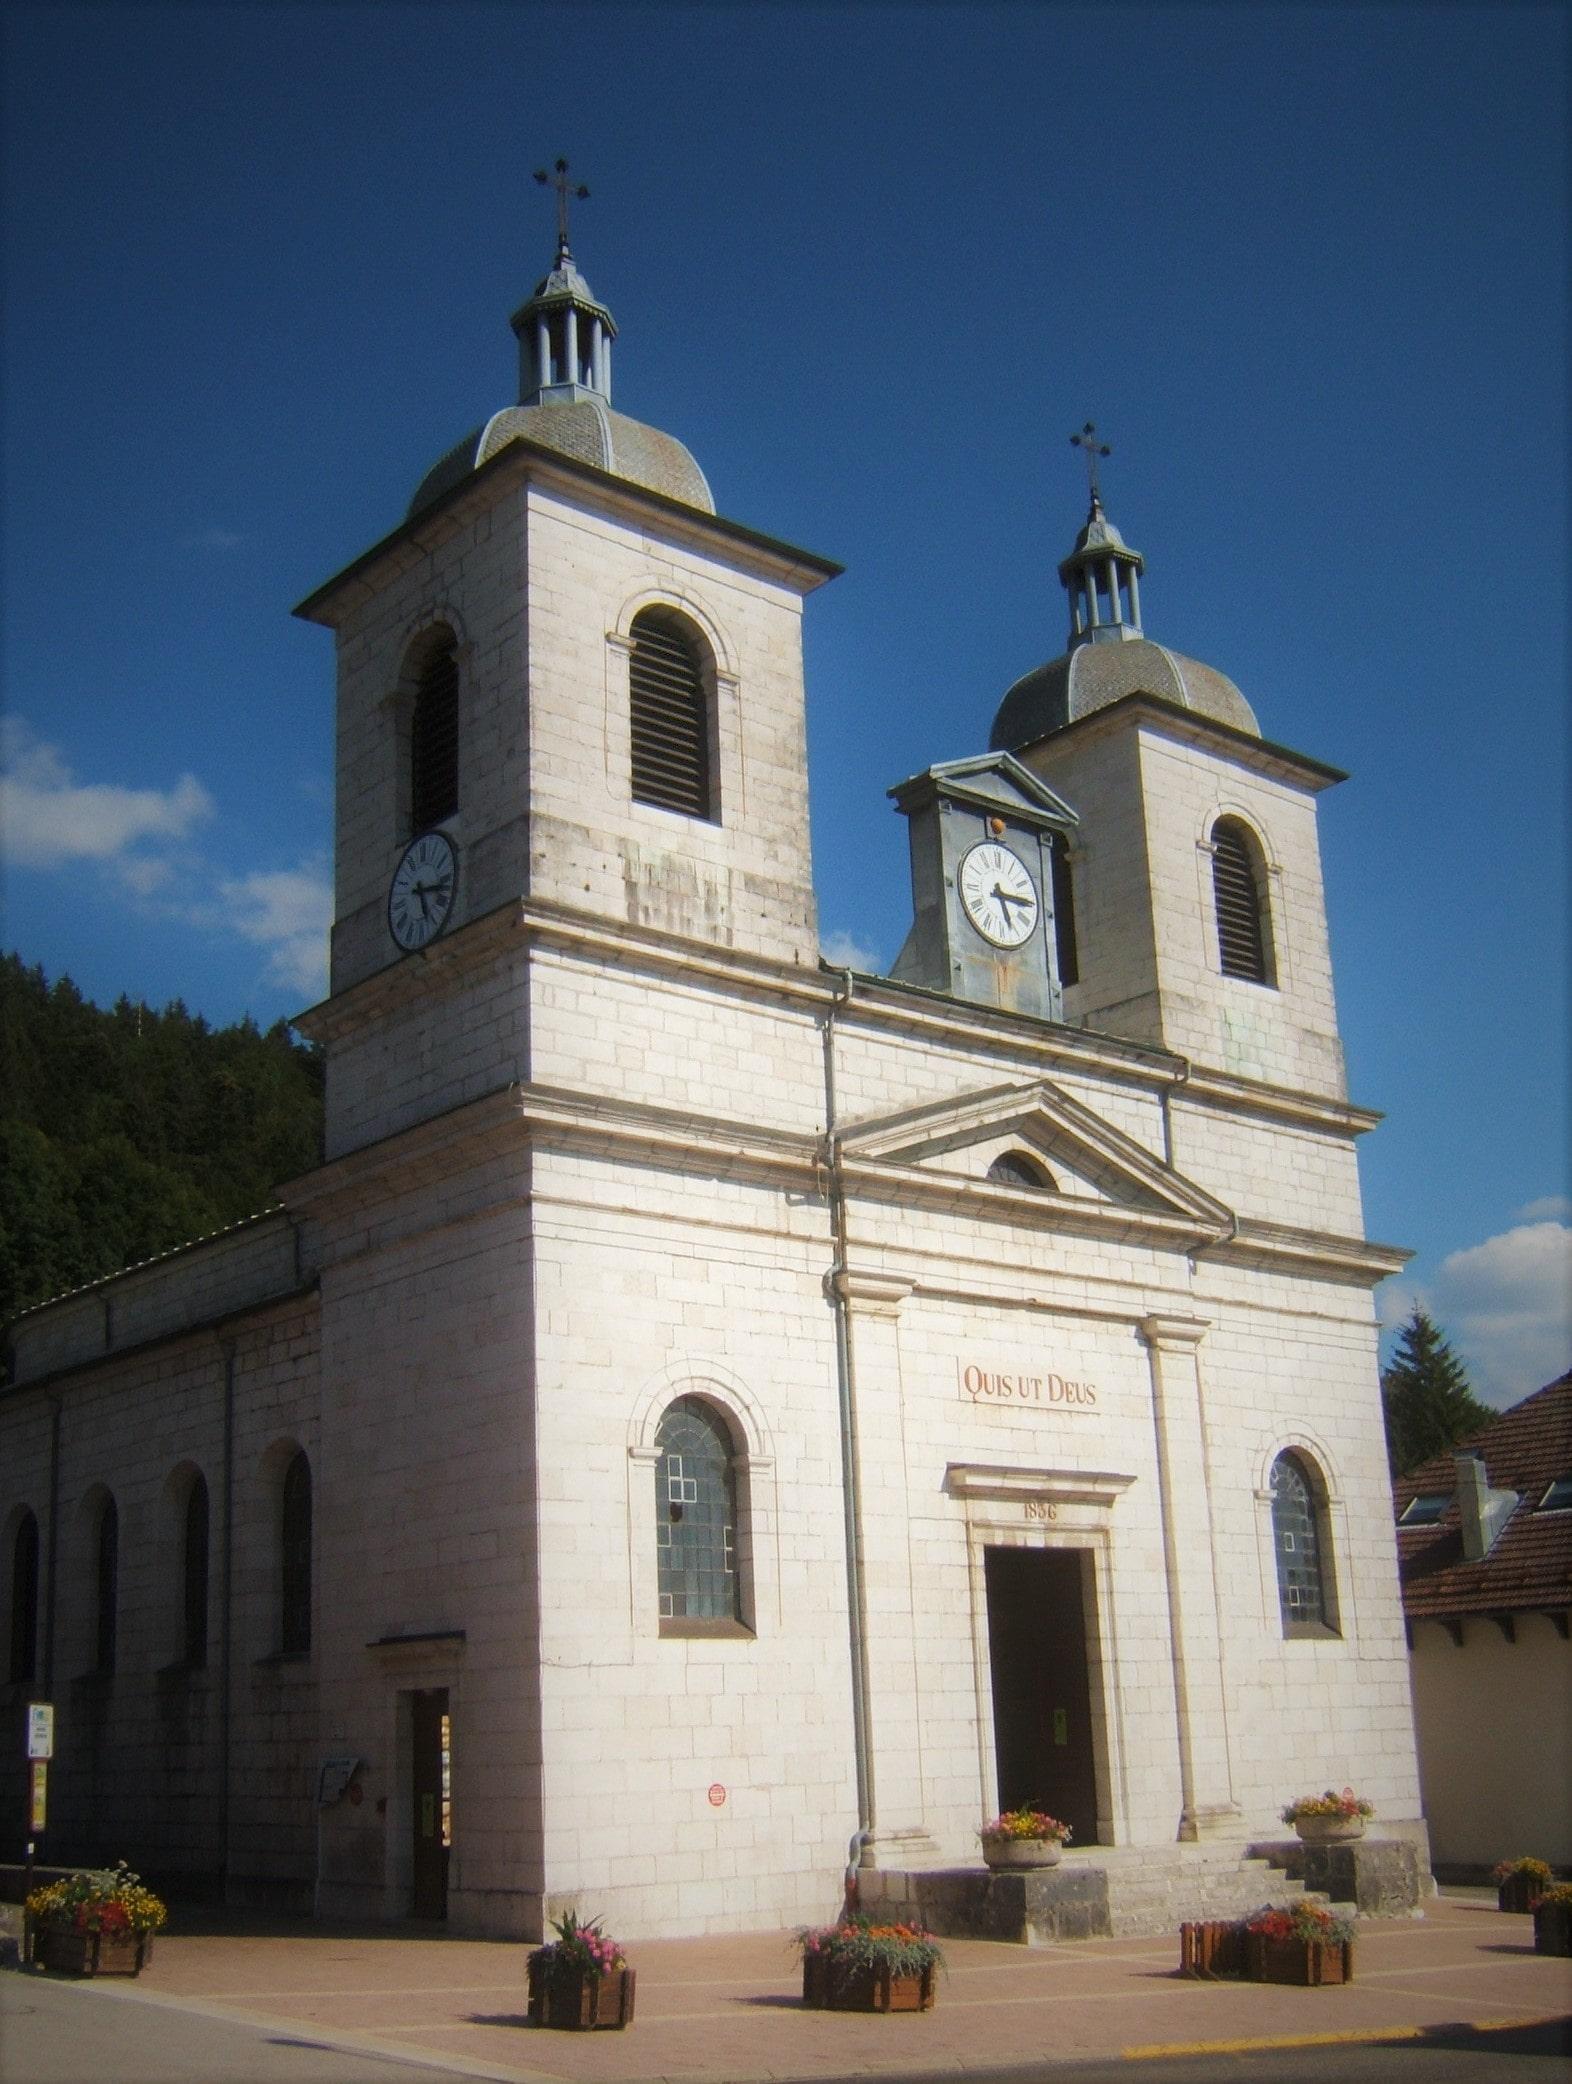 Eglise Saint-Michel de Morbier : elle abrite une véritable horloge comtoise de 8 m de haut